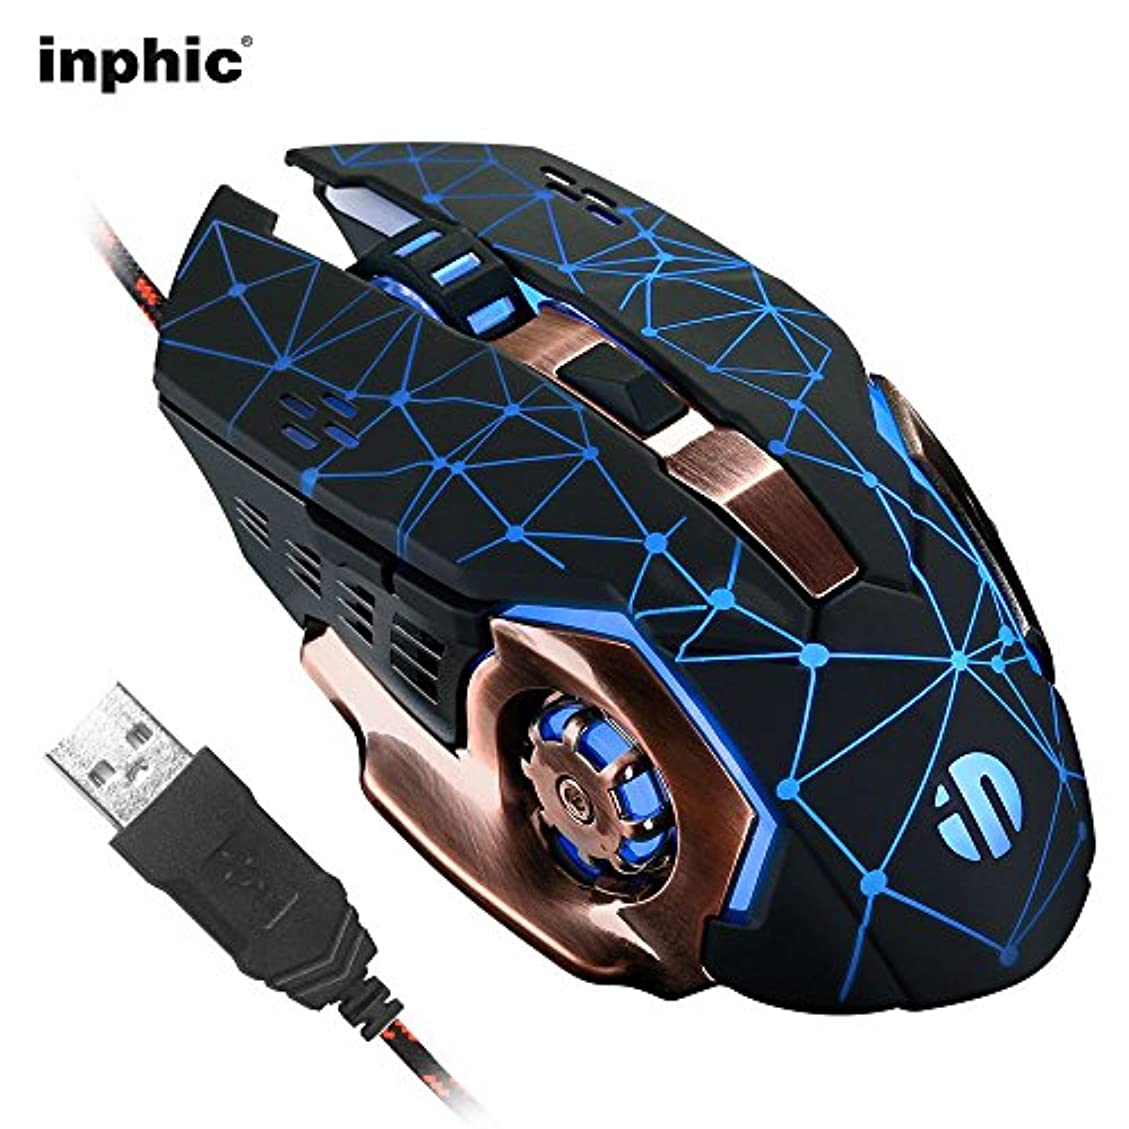 エーカー香ばしいすべきInphicゲーミングマウス、サイレントクリックタイプ、プログラミング可能、USB光学式有線ゲーミングマウス4800DPI人間工学マウス、4 DPI調整、RGB LEDブレスライト、6キー、アルミ製ベース、ラップトップ、デスクトップをサポート、プロのゲーマーに最適 (星雲)